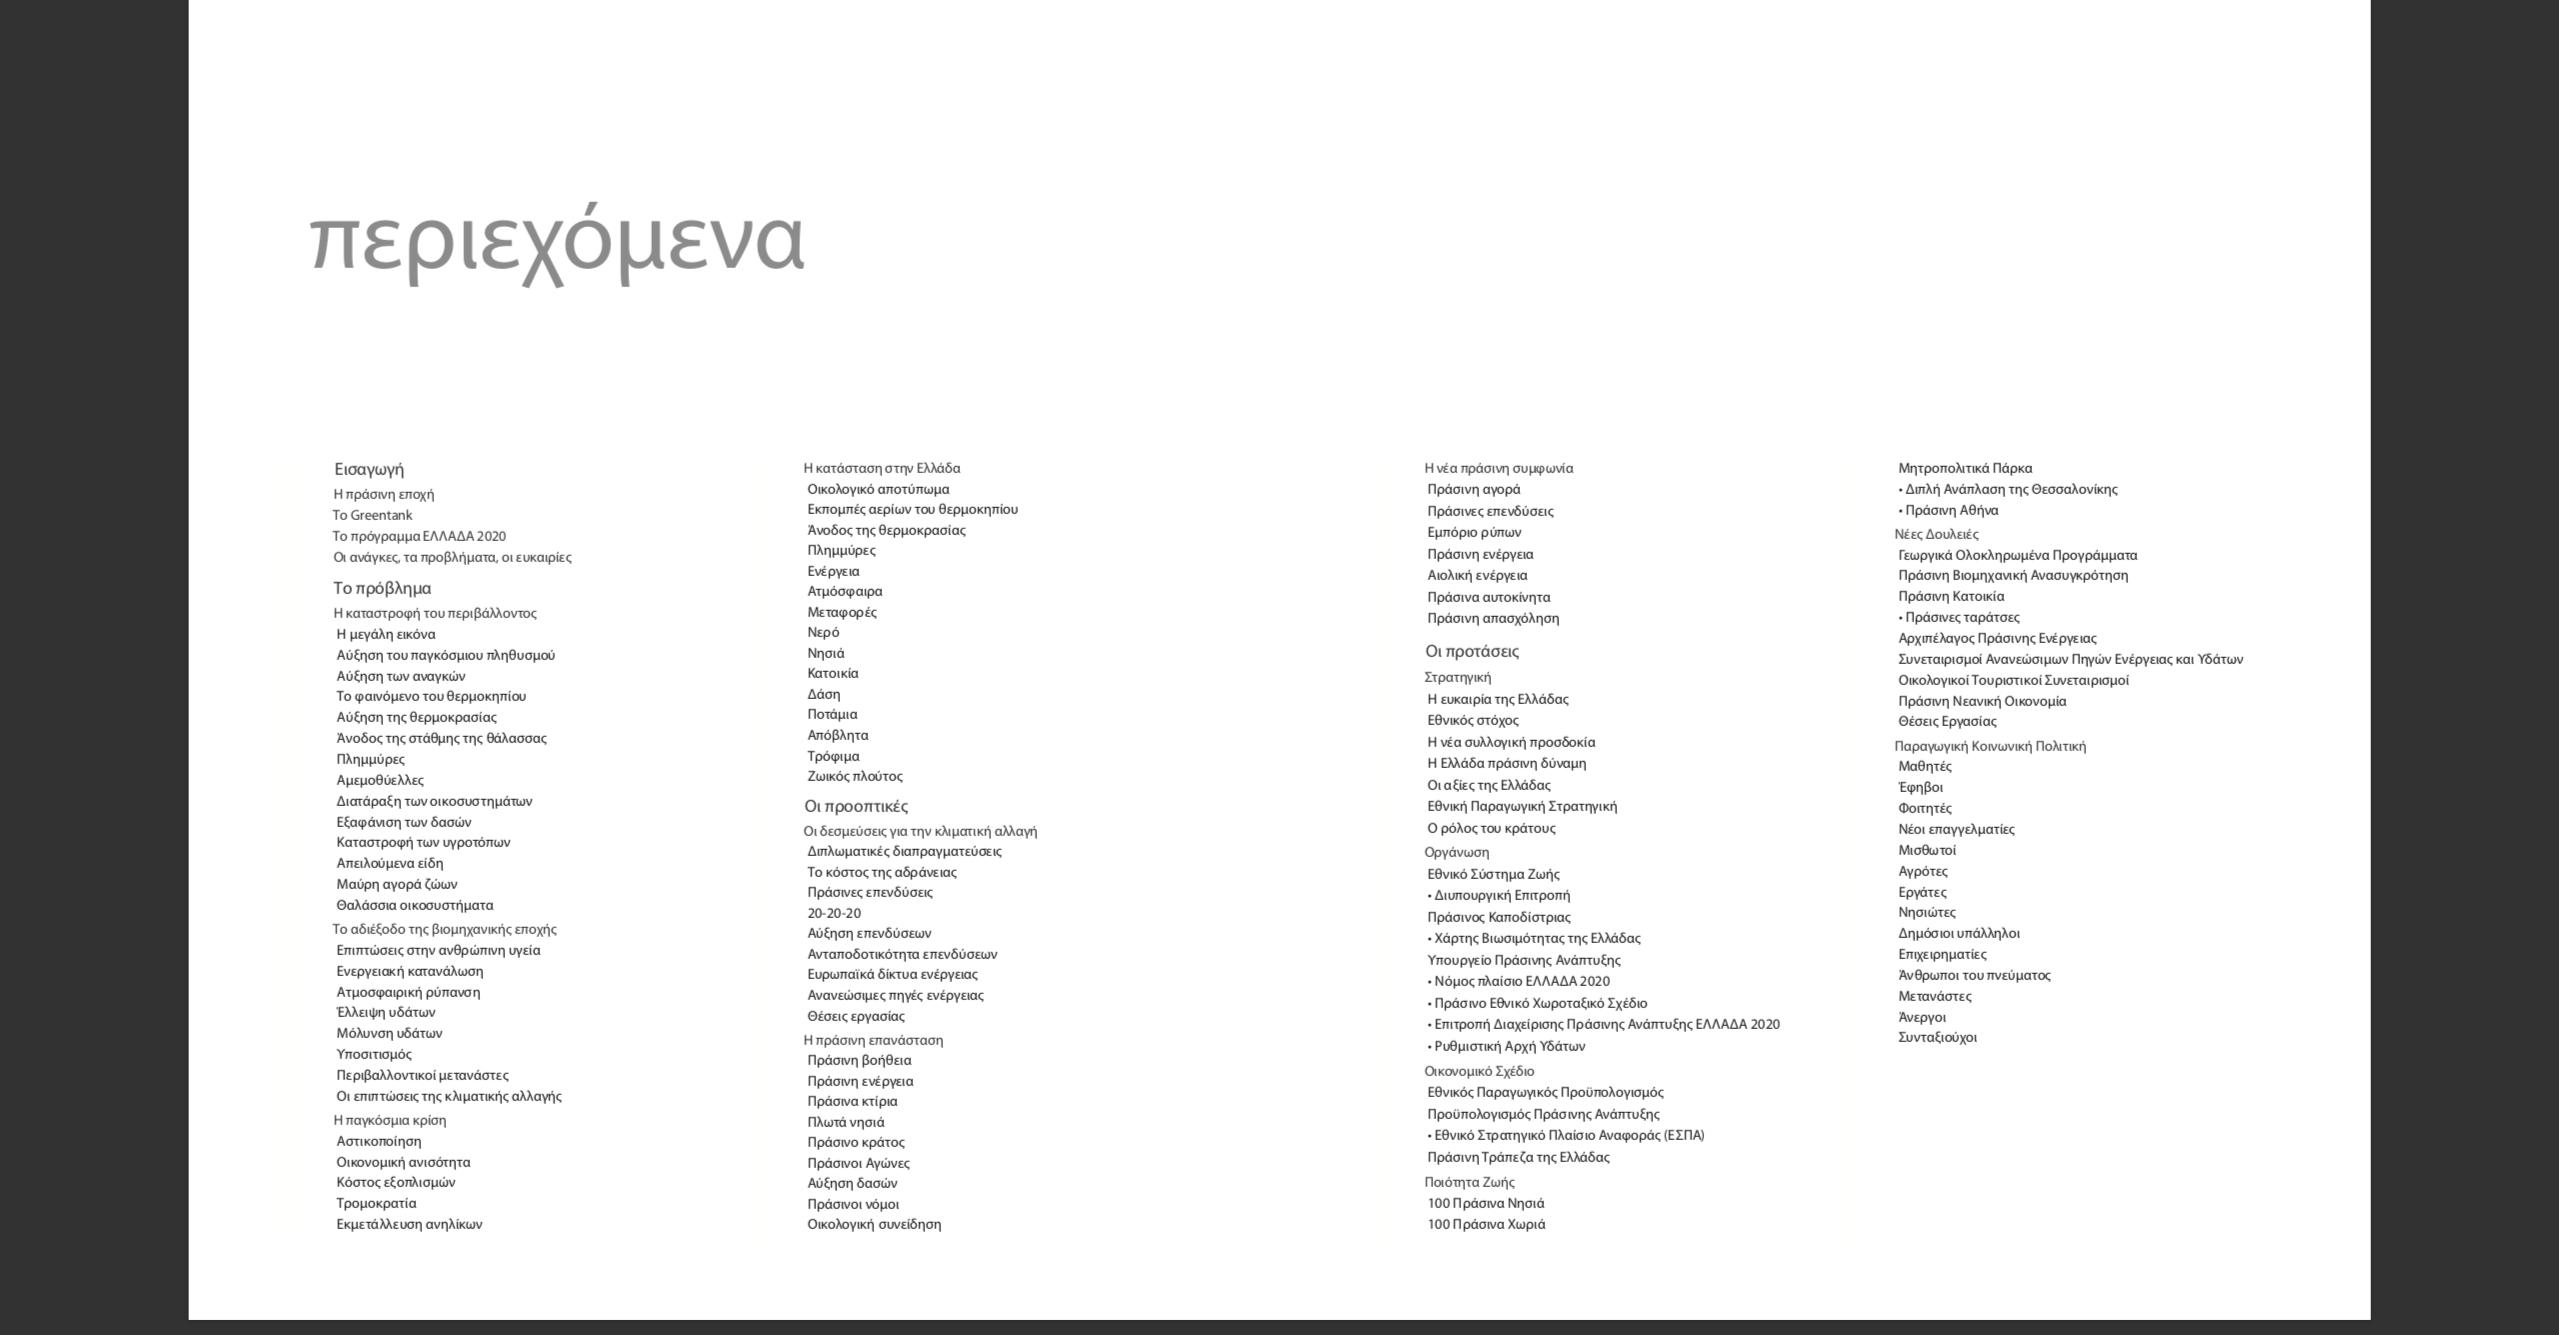 Screenshot 2020-11-27 at 18.56.58